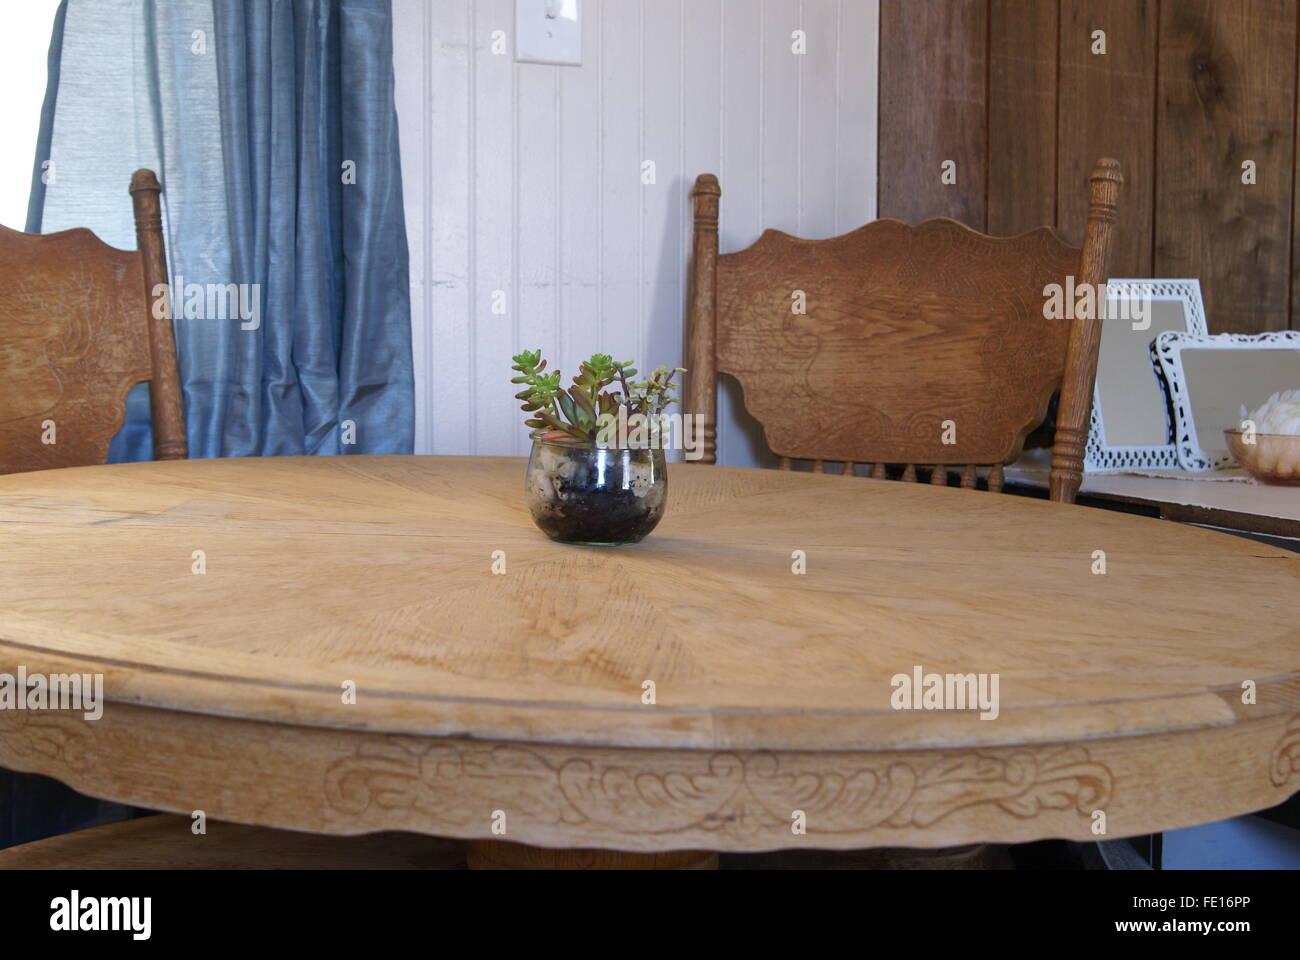 Rundes Holz Küchentisch mit eine kleine Topfpflanze in der Mitte ...